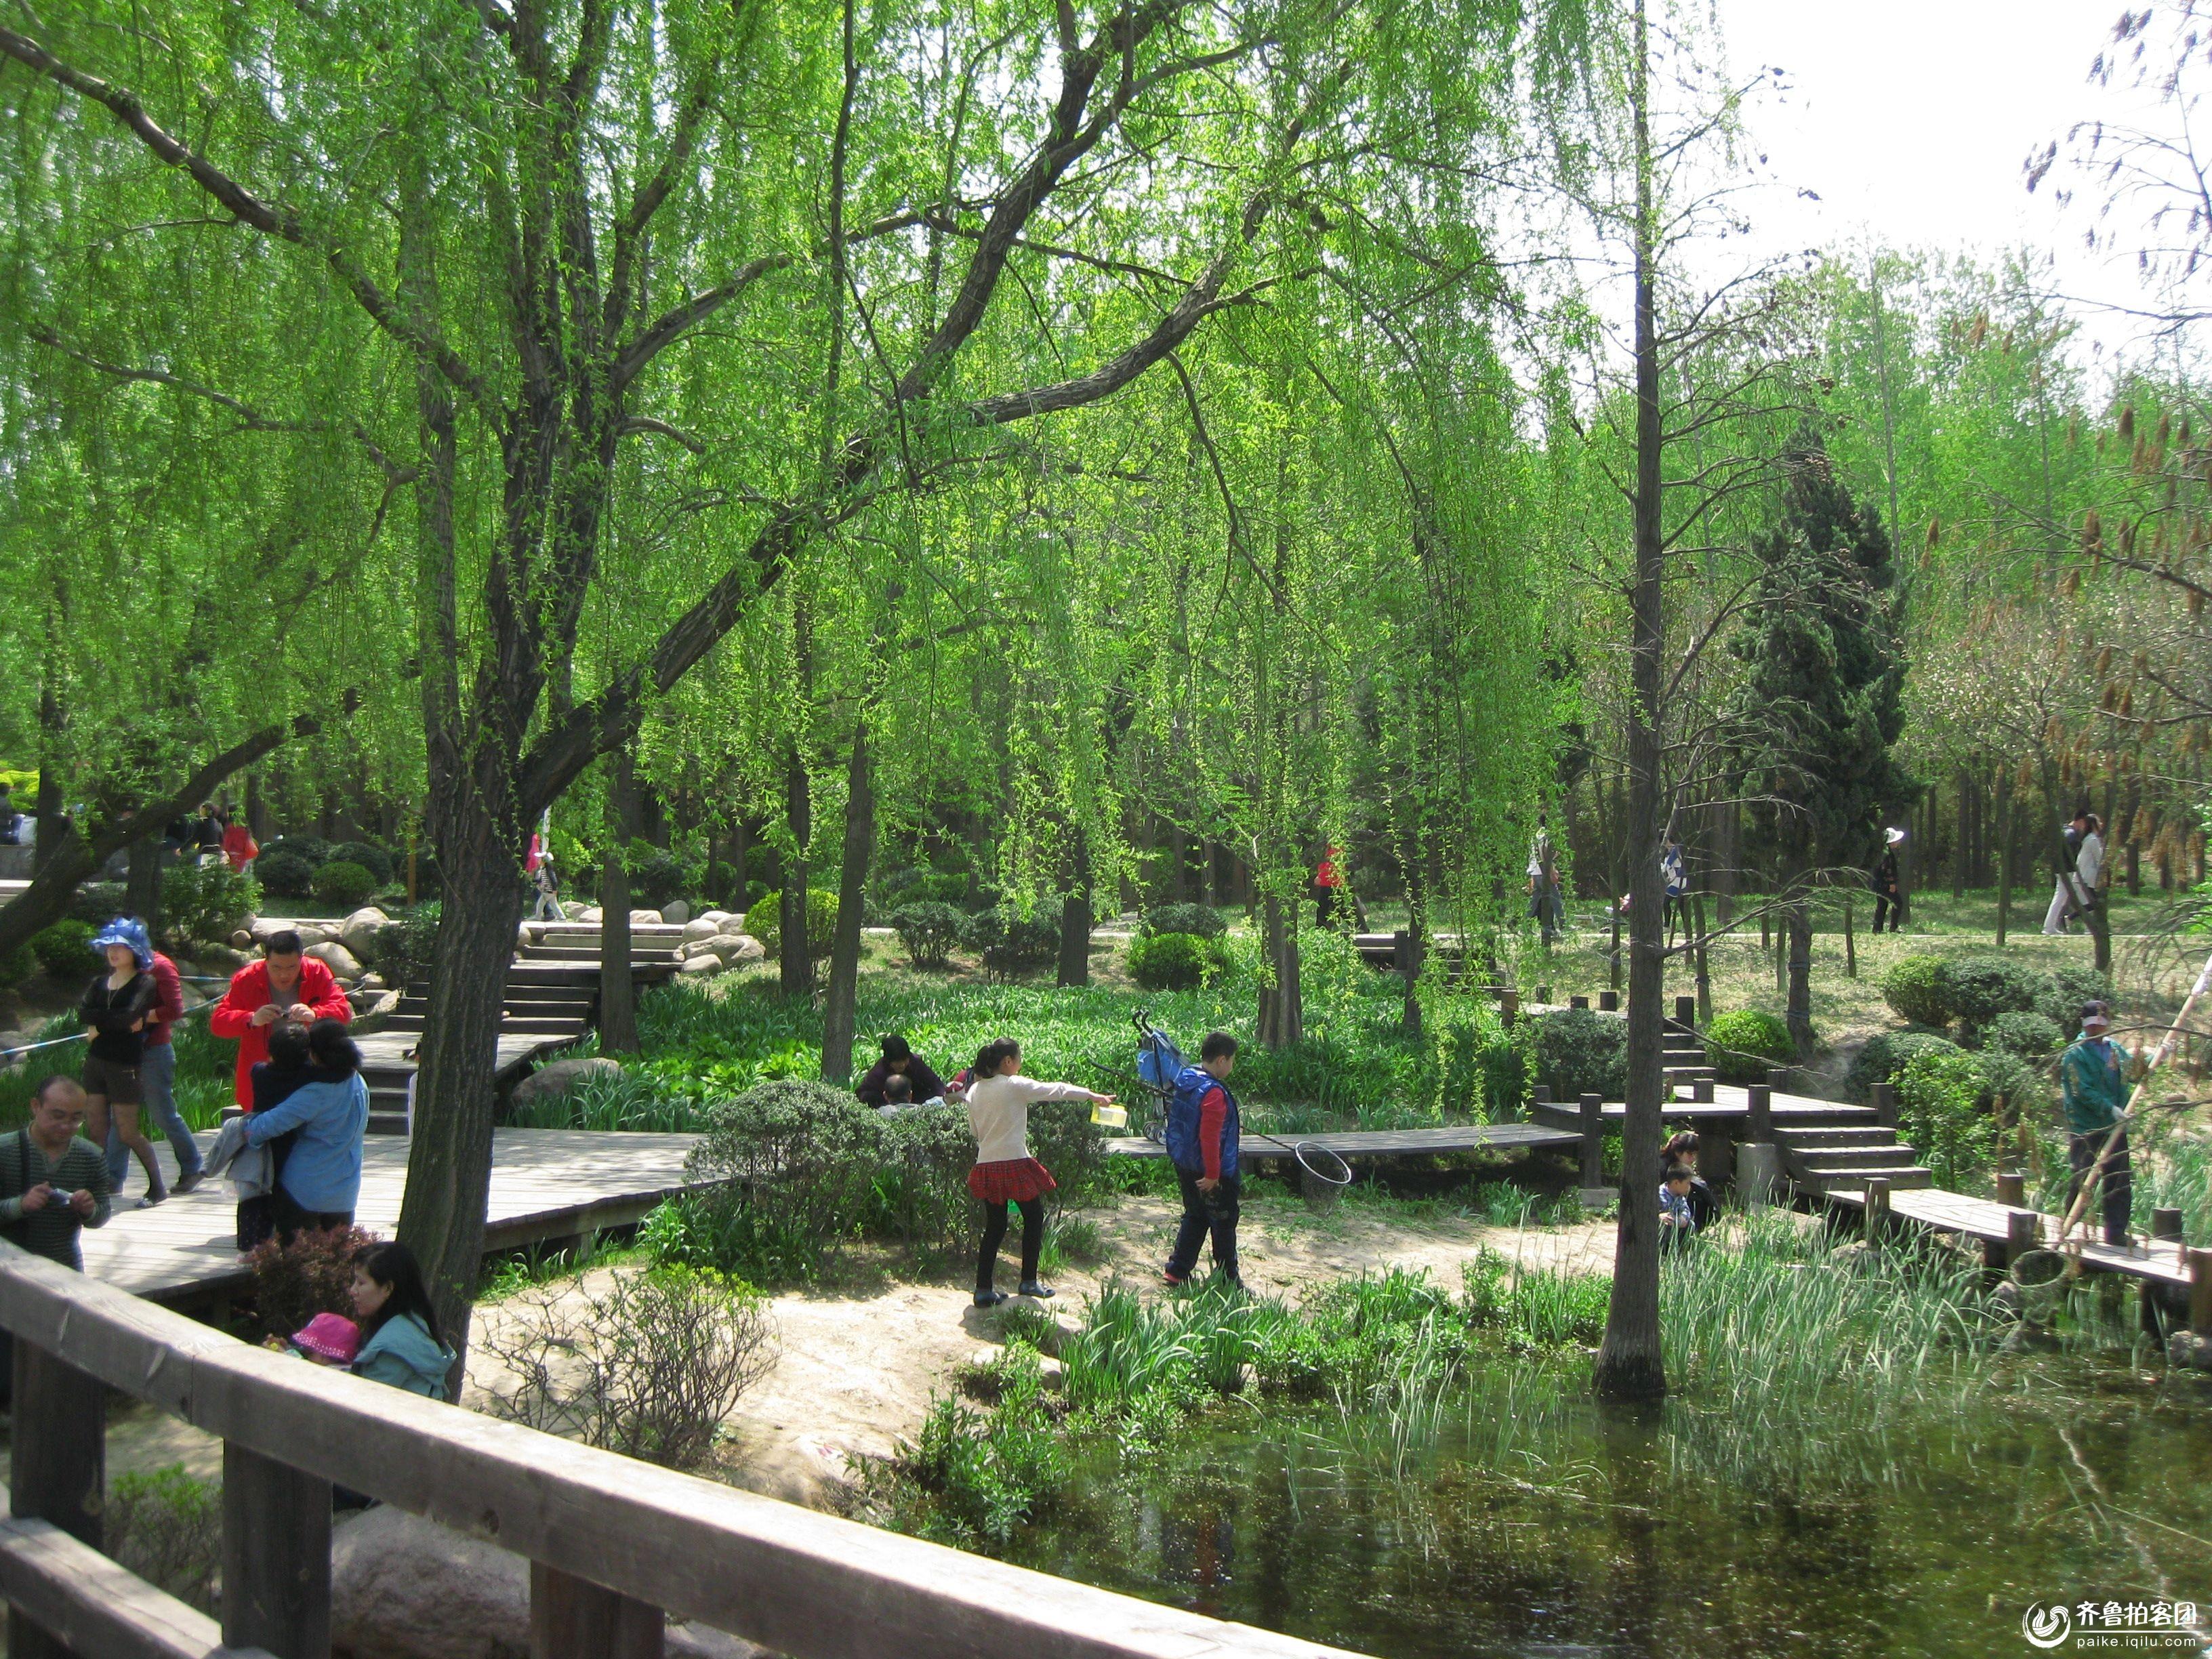 【近郊游】李村文化公园---花与绿树的海洋